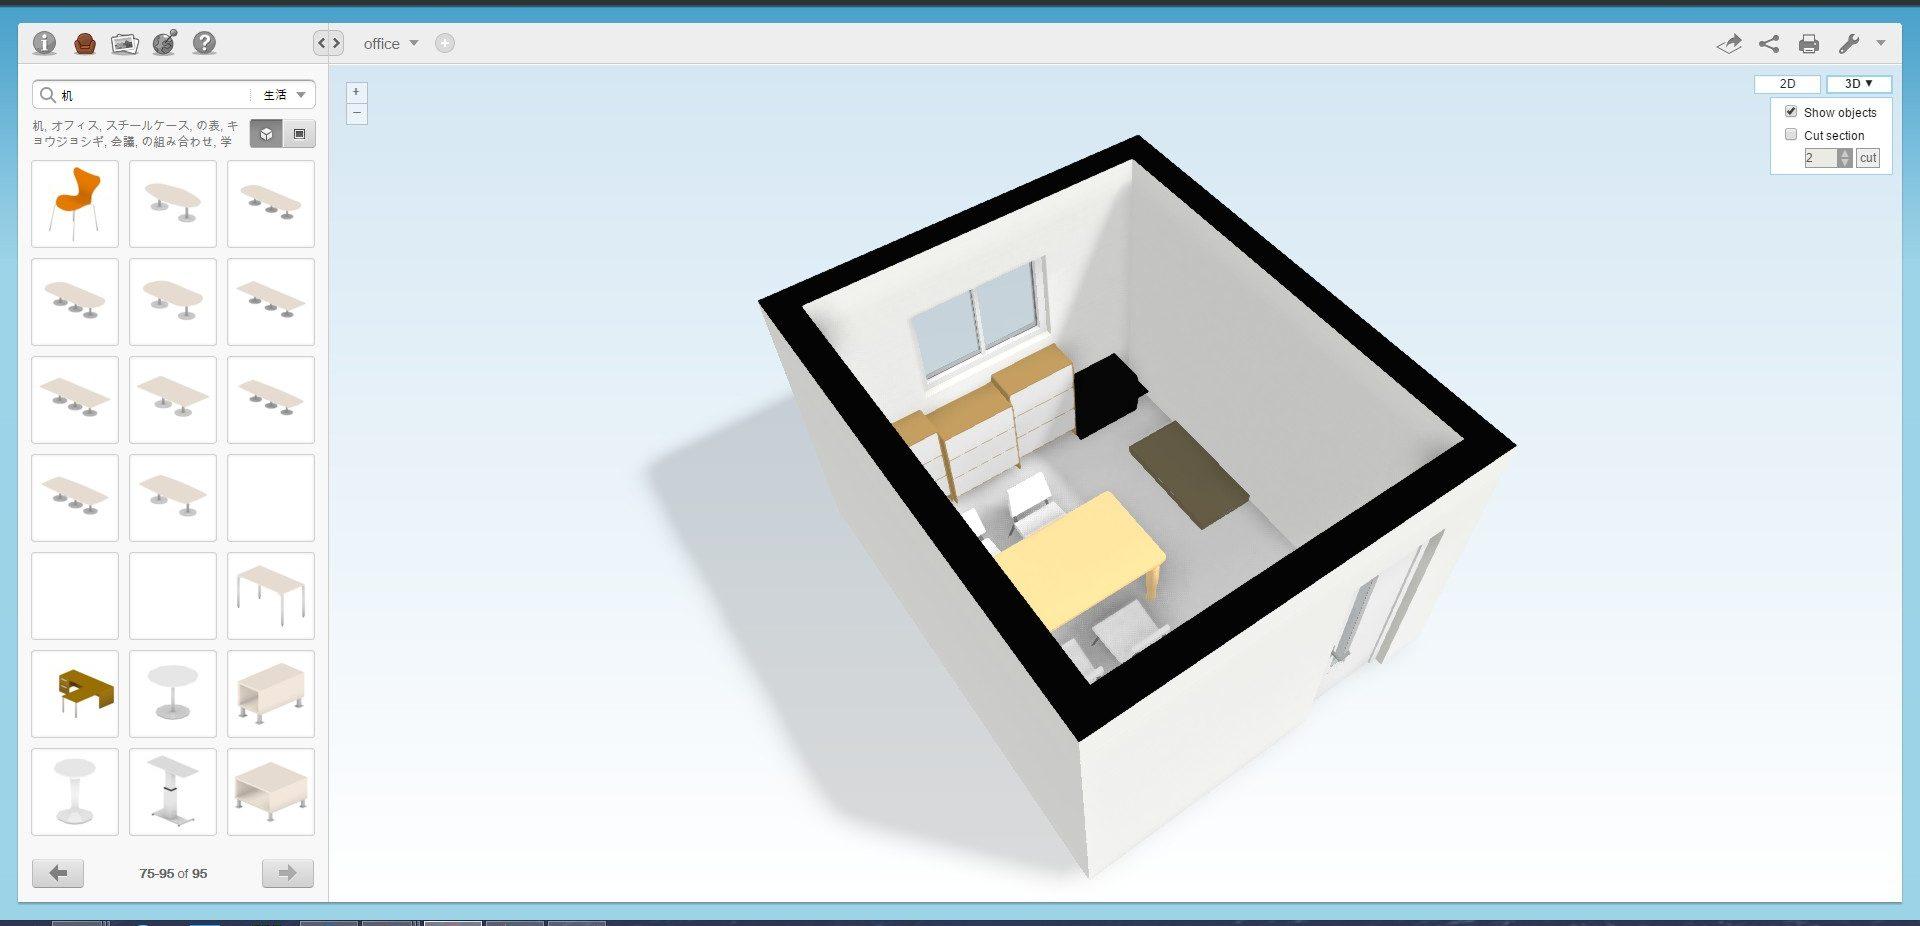 家具配置を決めるときに便利「floorPlanner」